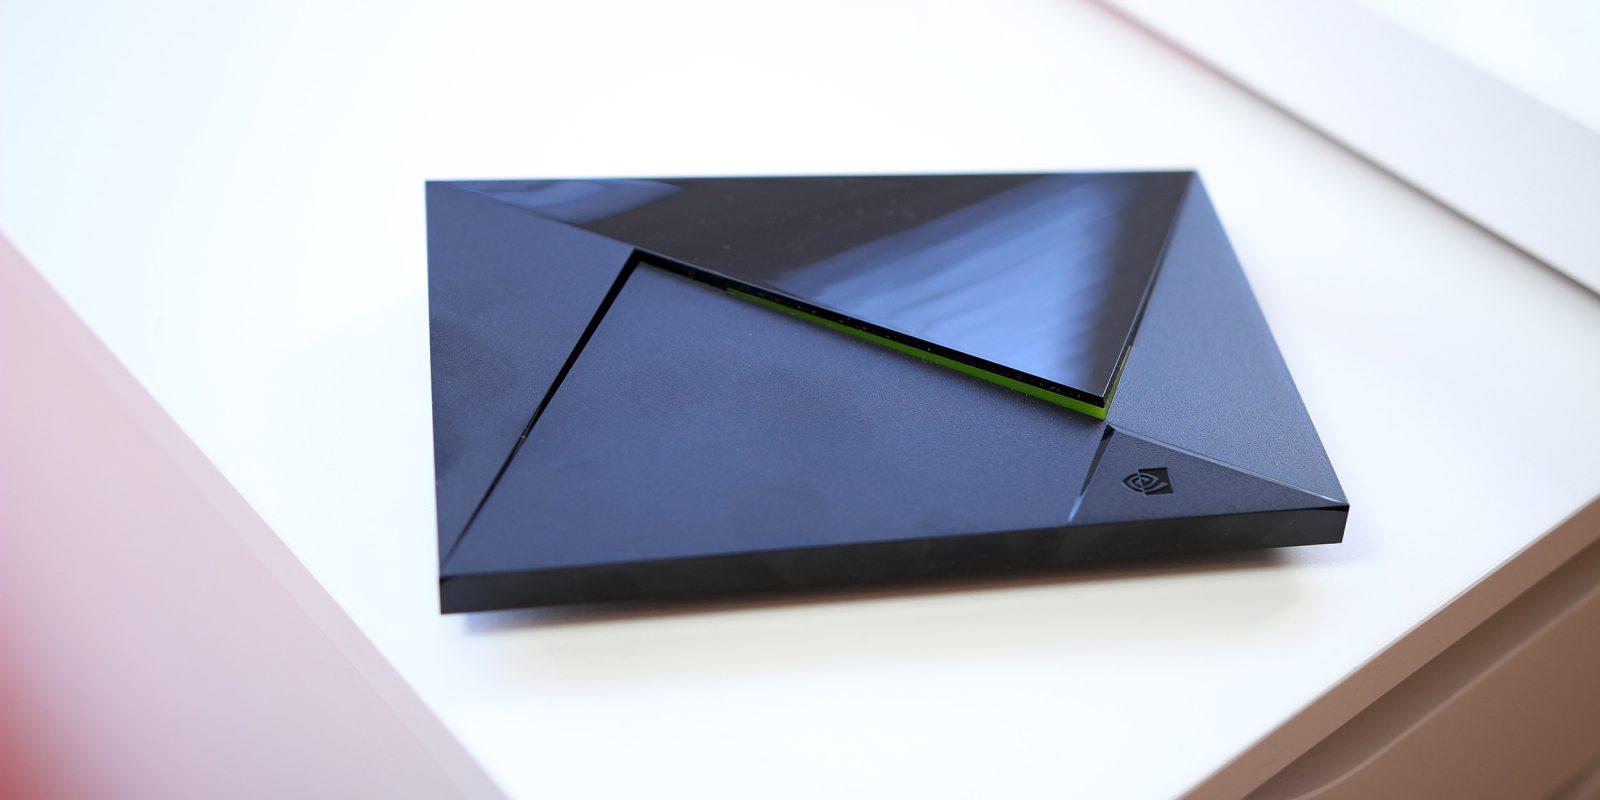 Nvidia Shield TV update brings back Share menu, adds 120Hz